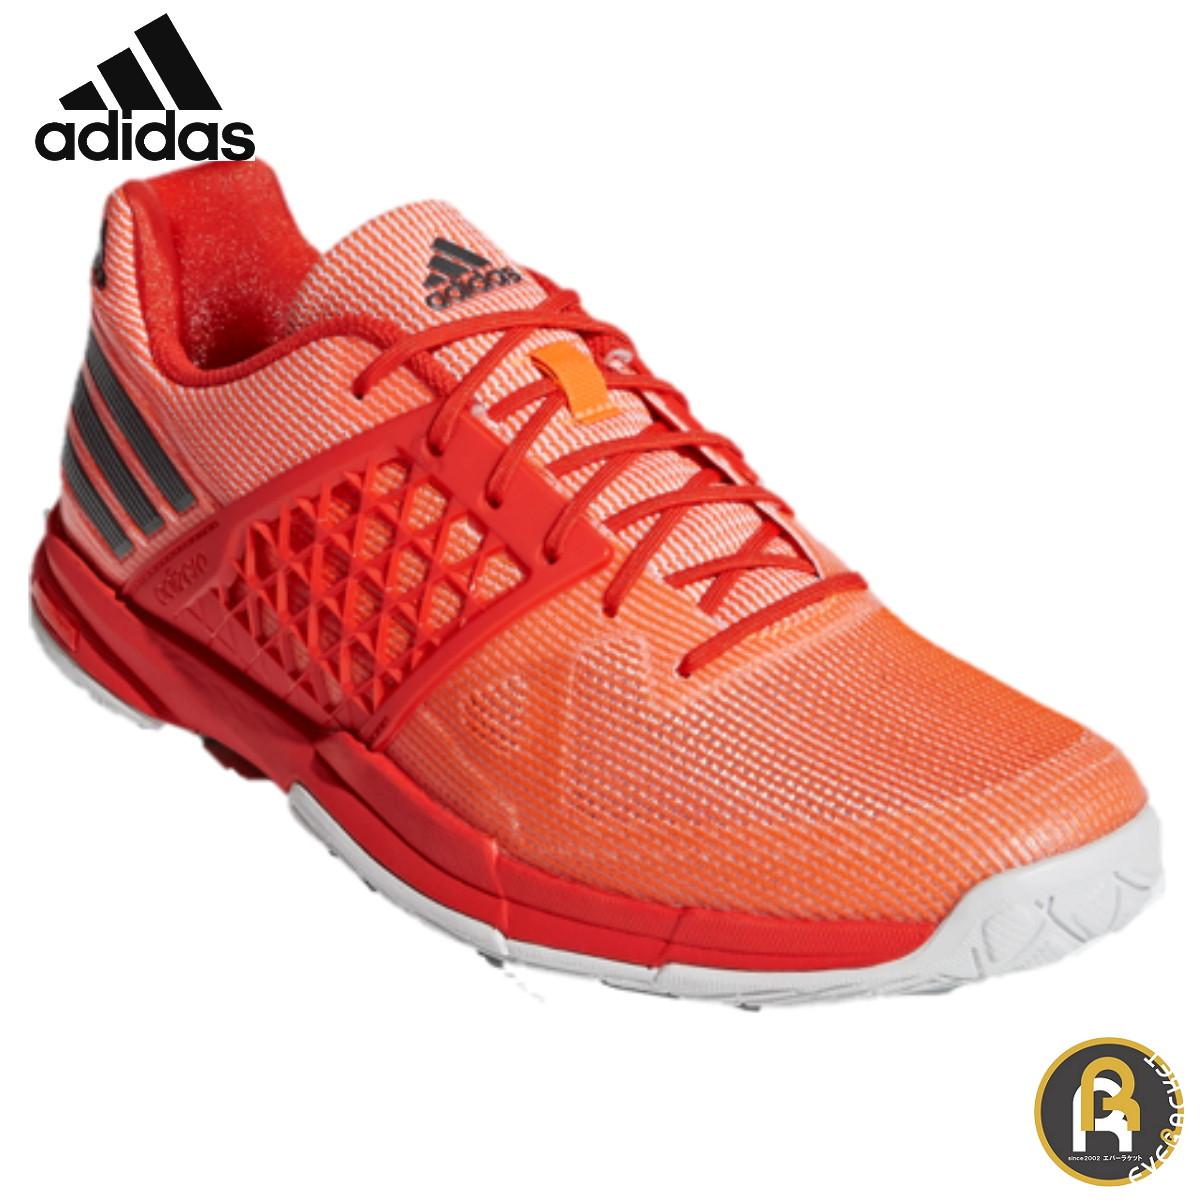 adidas アディダススリービー ラケットスポーツジャパン バドミントン バドミントンシューズ アディゼロ シューズ BB6318